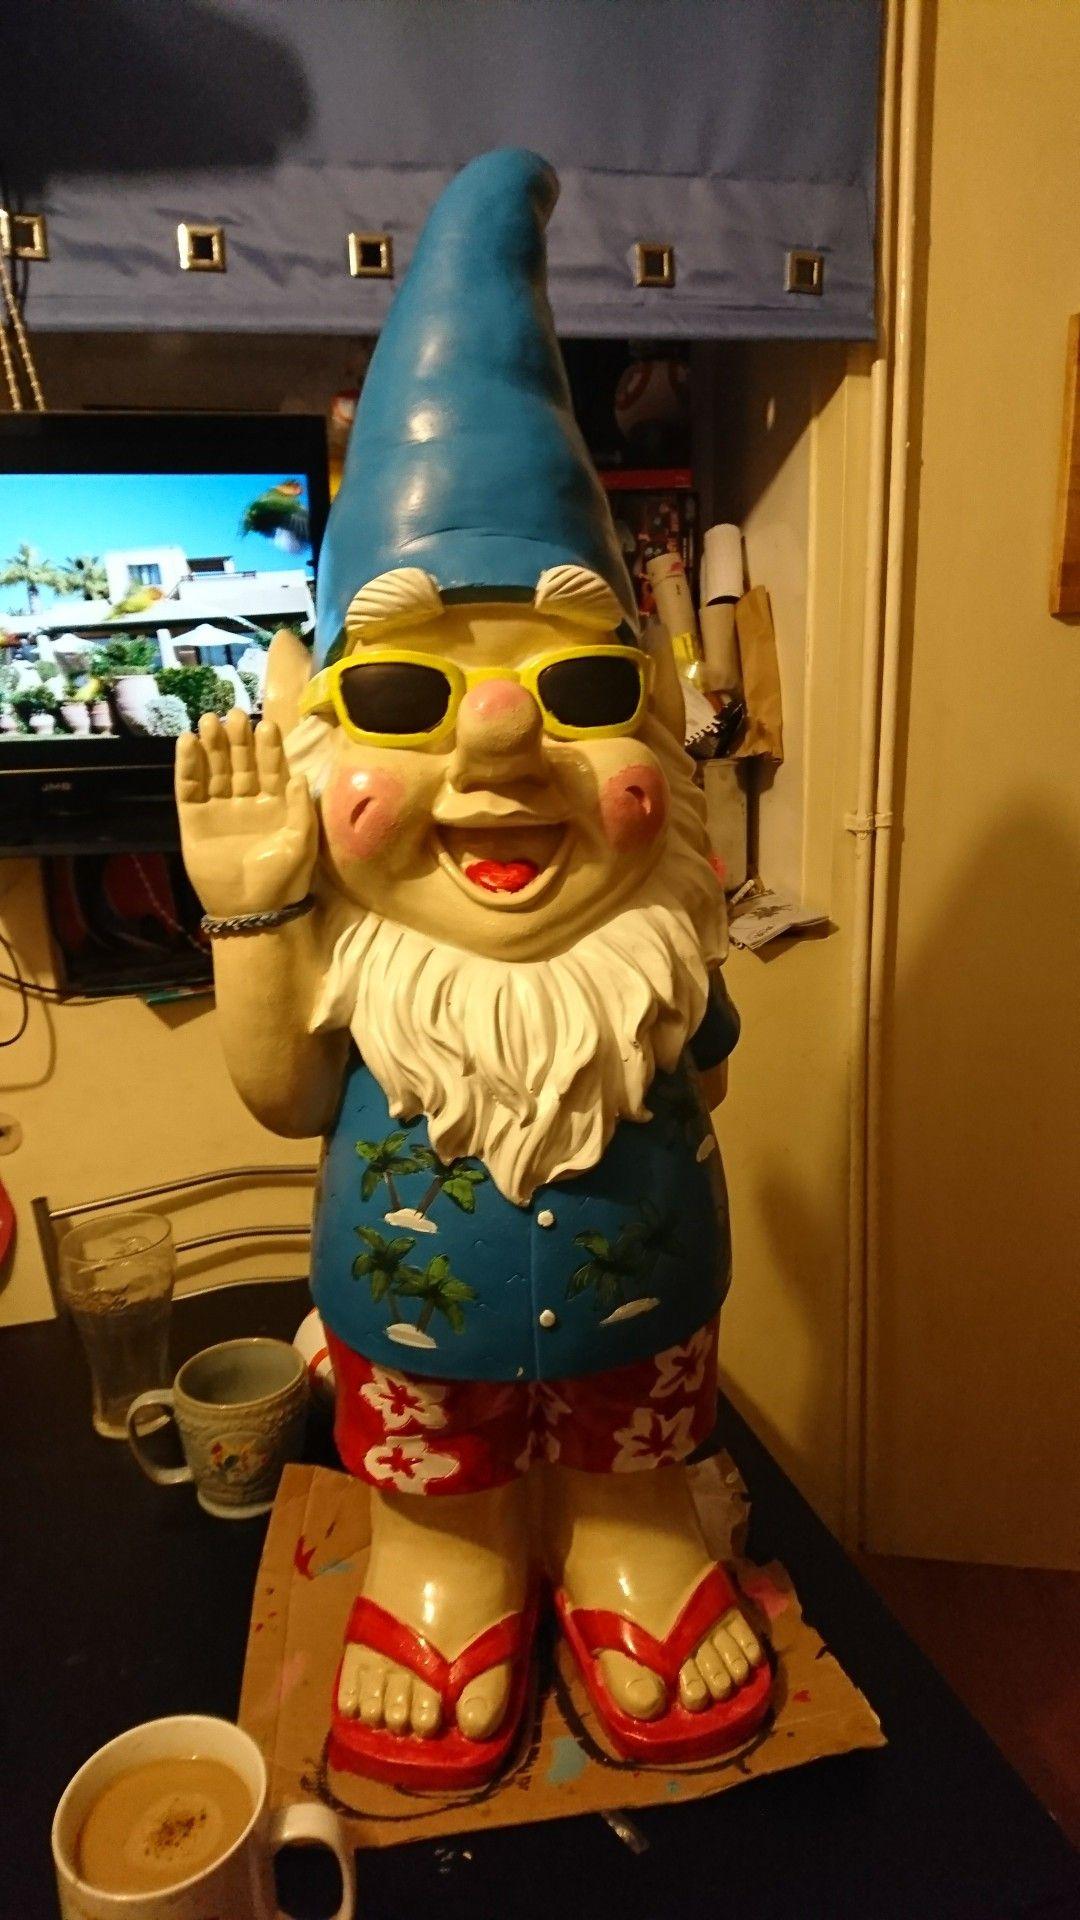 Pin by Sherry Washburn on Asda Gnomes Asda gnomes